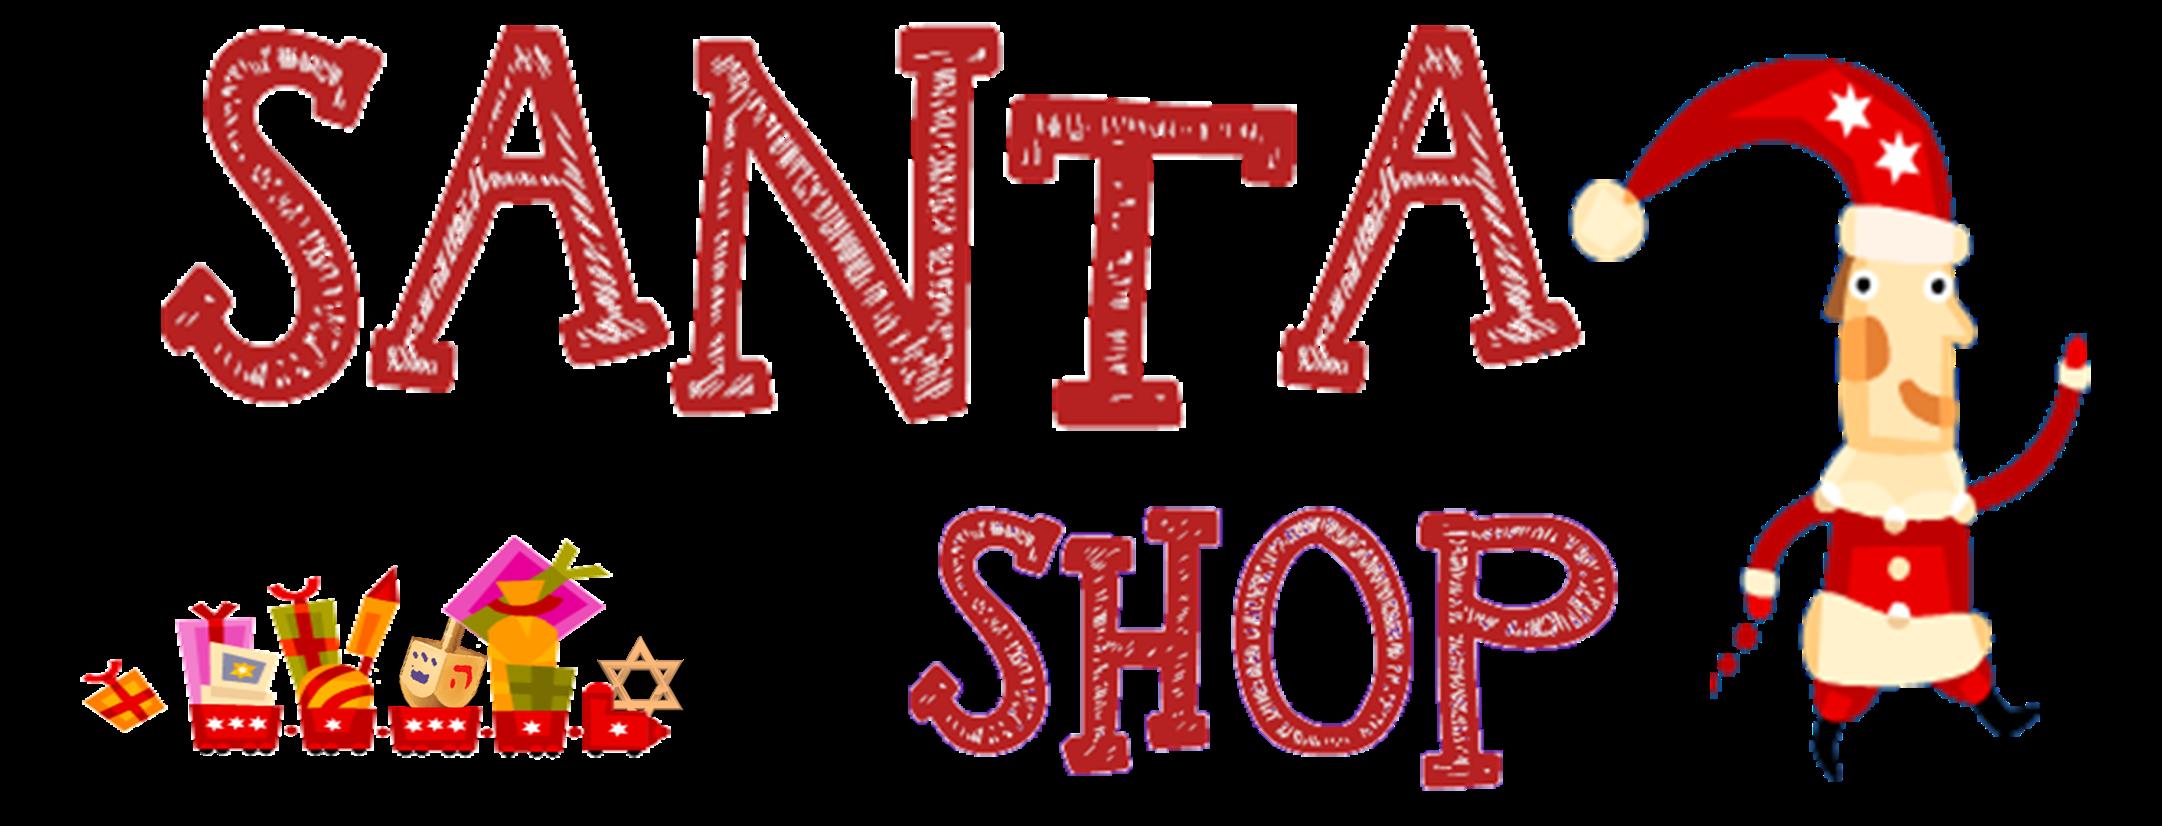 Image result for Santa shop